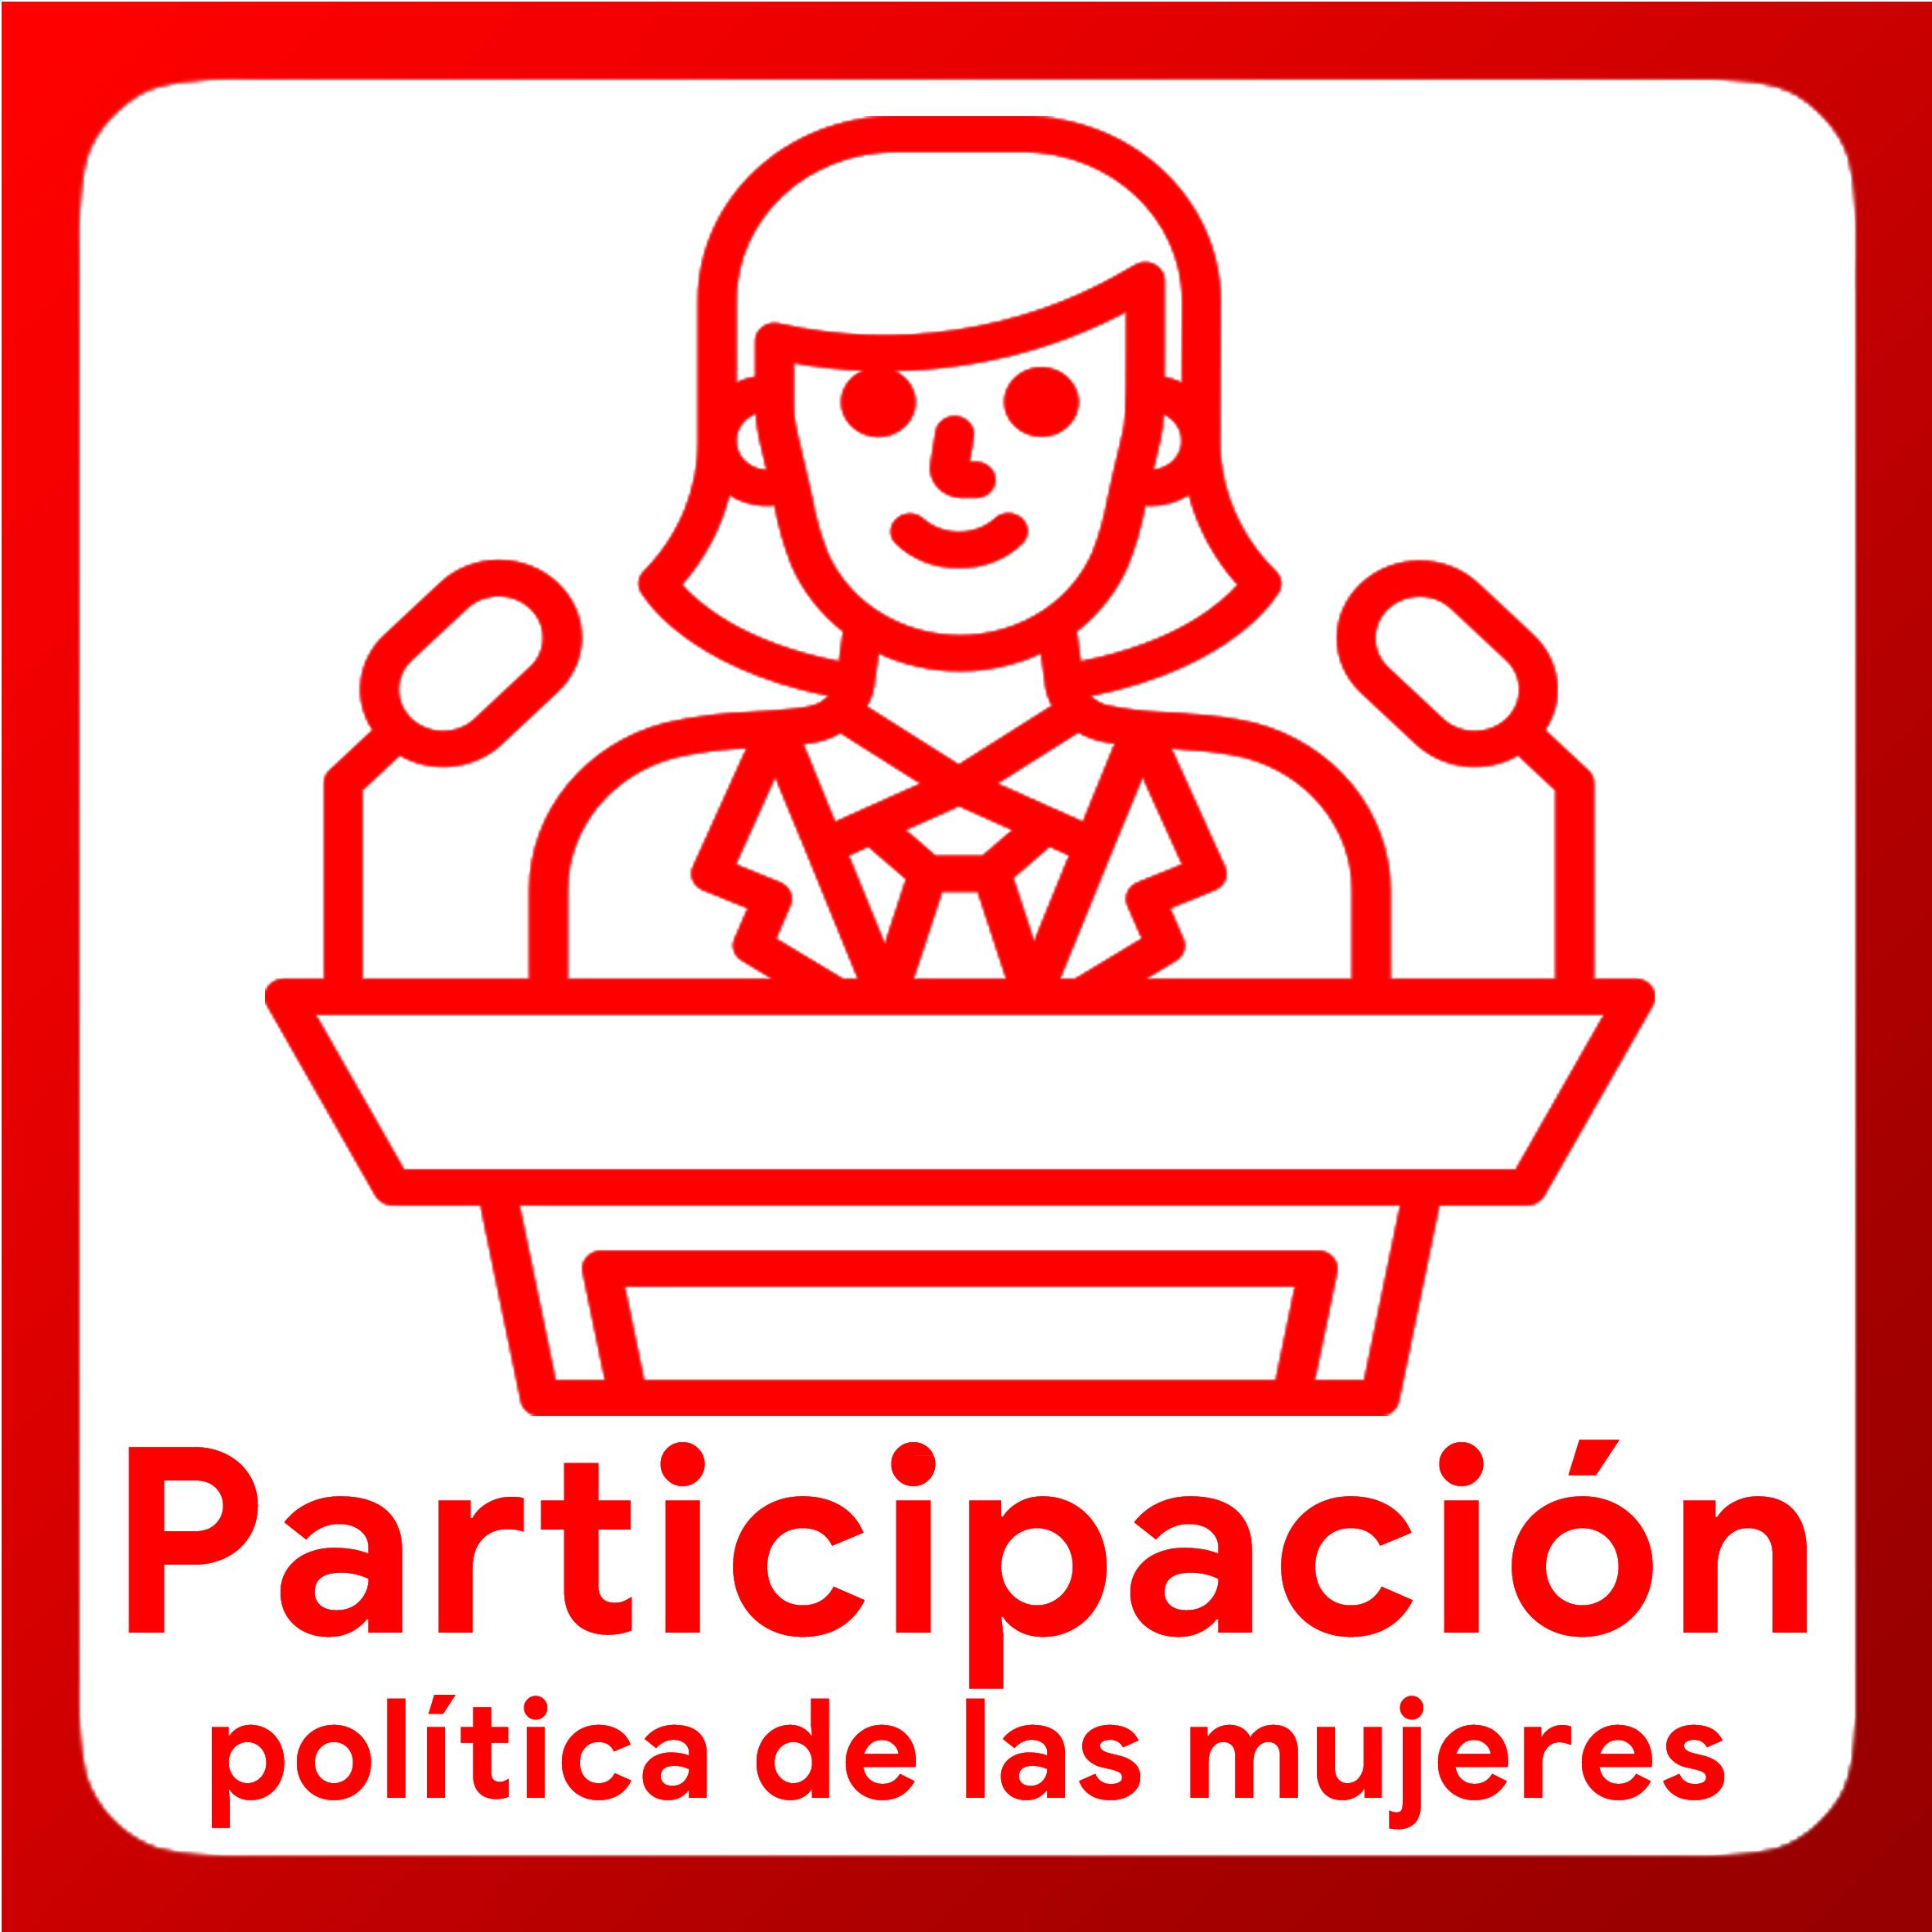 Boton activable de Liderazgo Político de las Mujeres